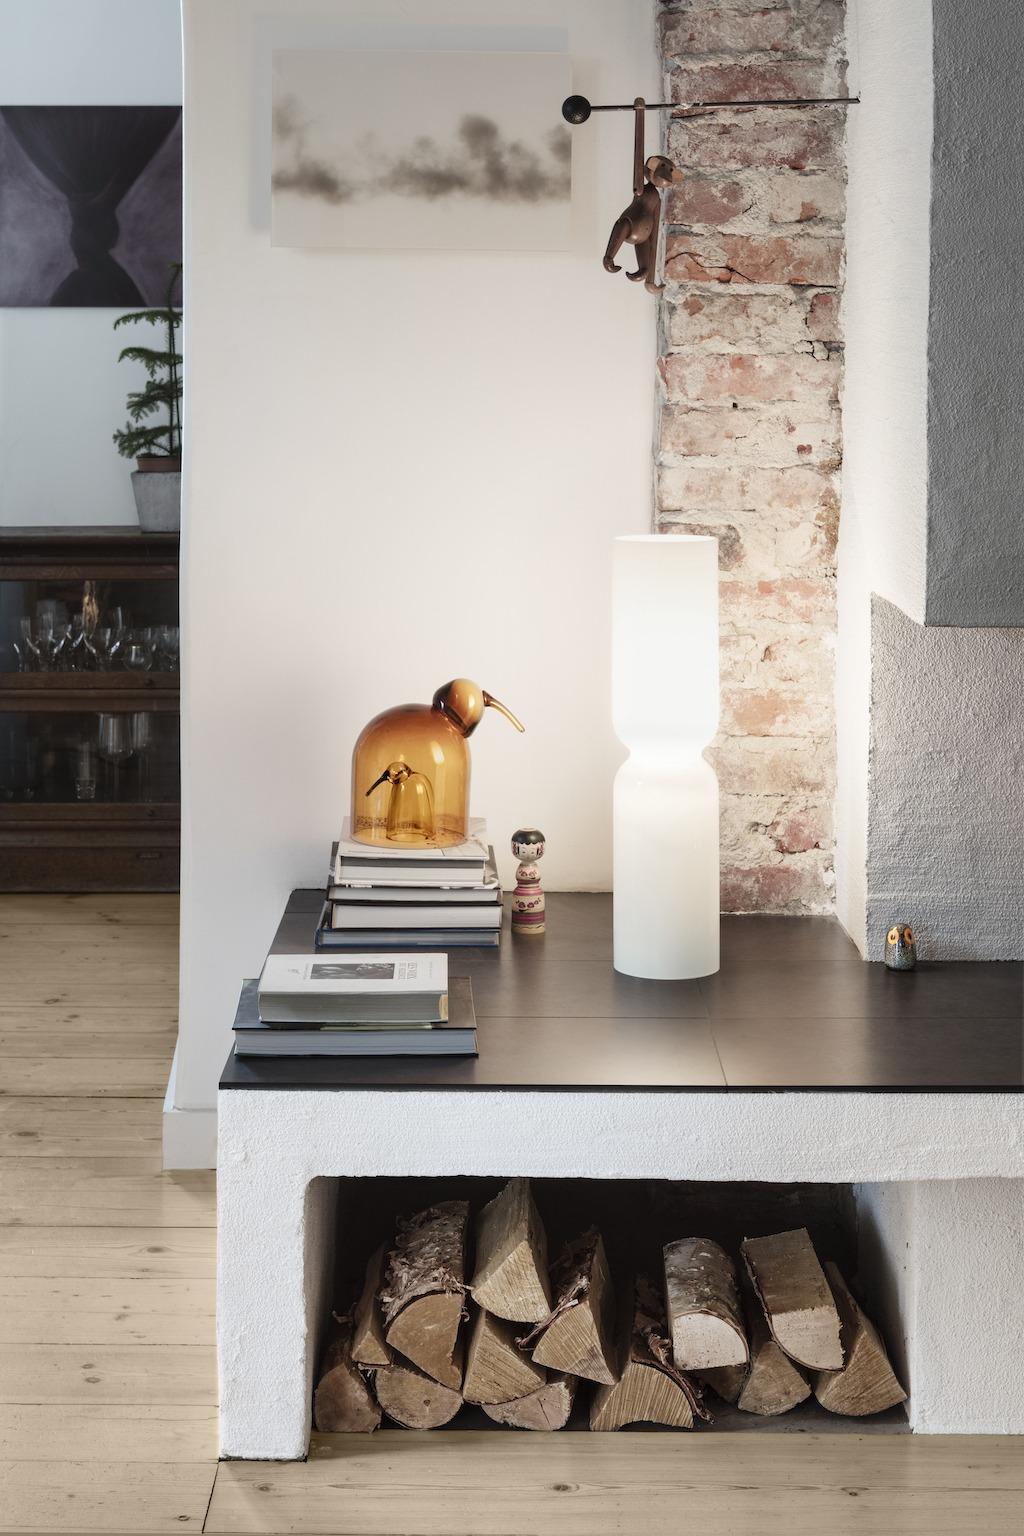 Holzscheite unter der Ofenbank, darüber steht eine kerzenförmige Leuchte in weiß, einige Bücher und kleine Dekoobjekte. Dekoideen für den Herbst.